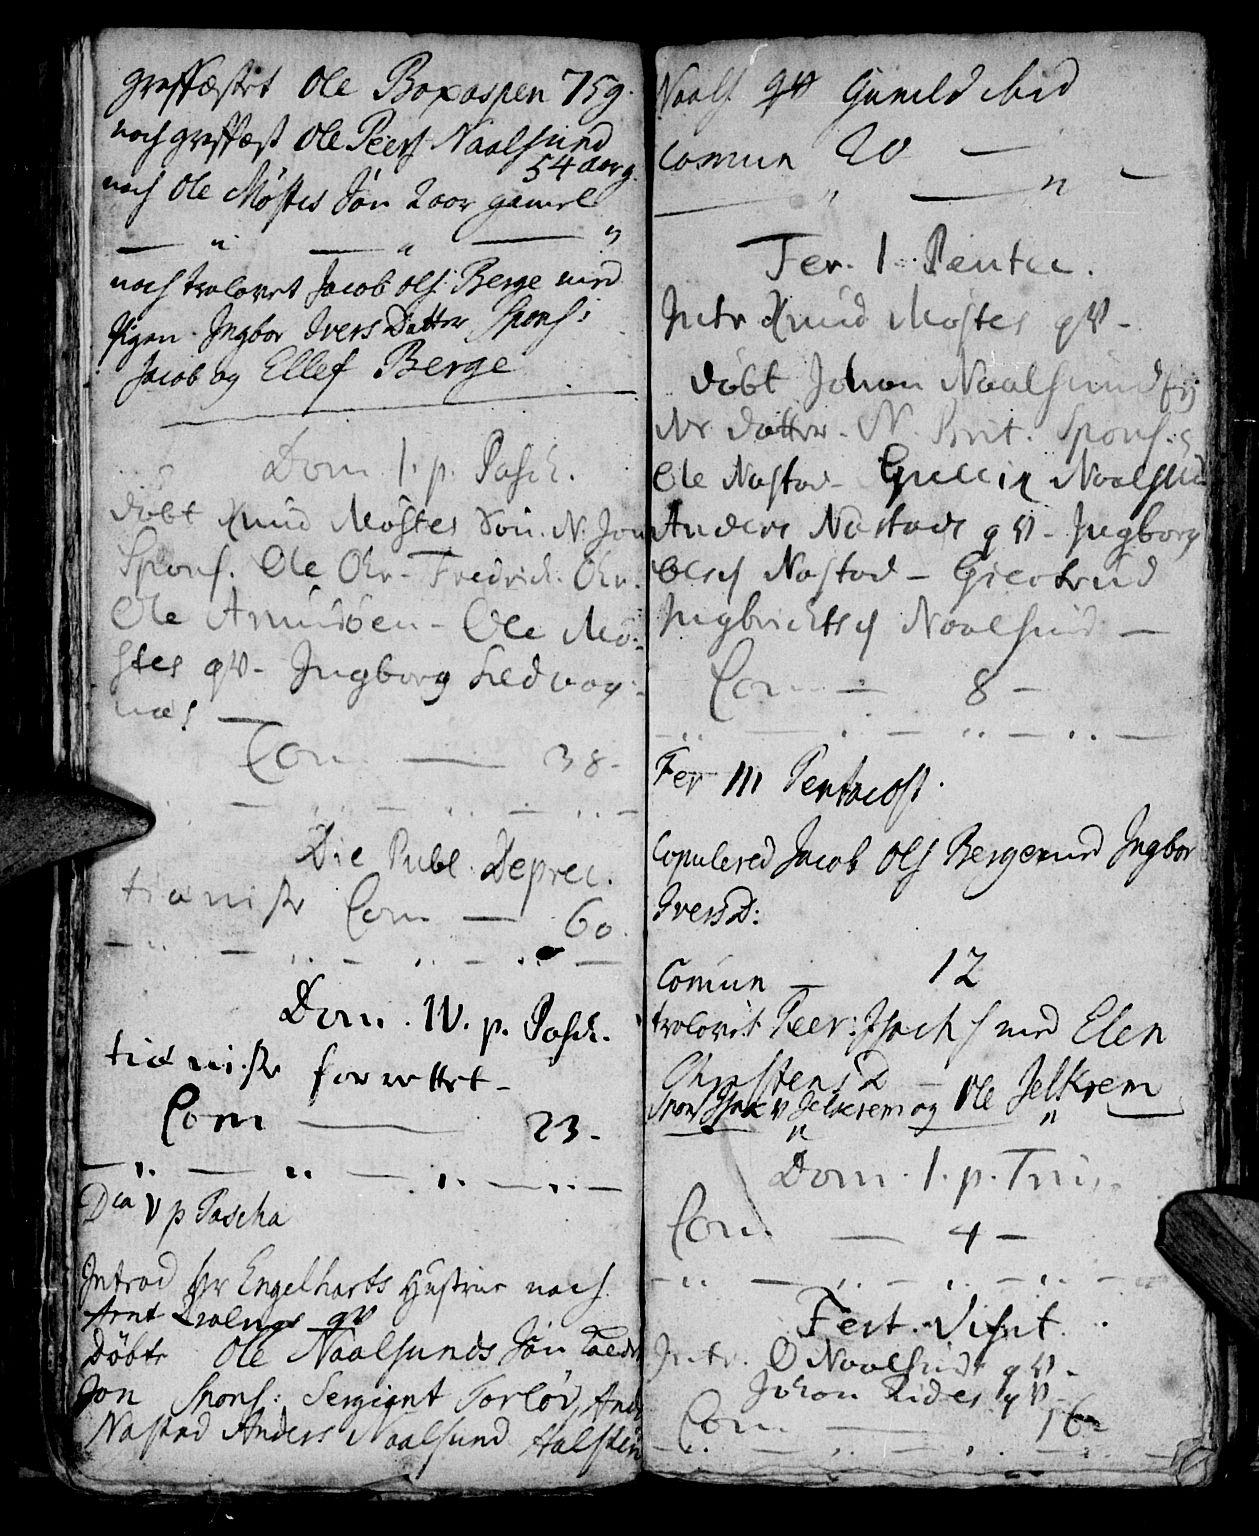 SAT, Ministerialprotokoller, klokkerbøker og fødselsregistre - Møre og Romsdal, 573/L0871: Ministerialbok nr. 573A01, 1732-1754